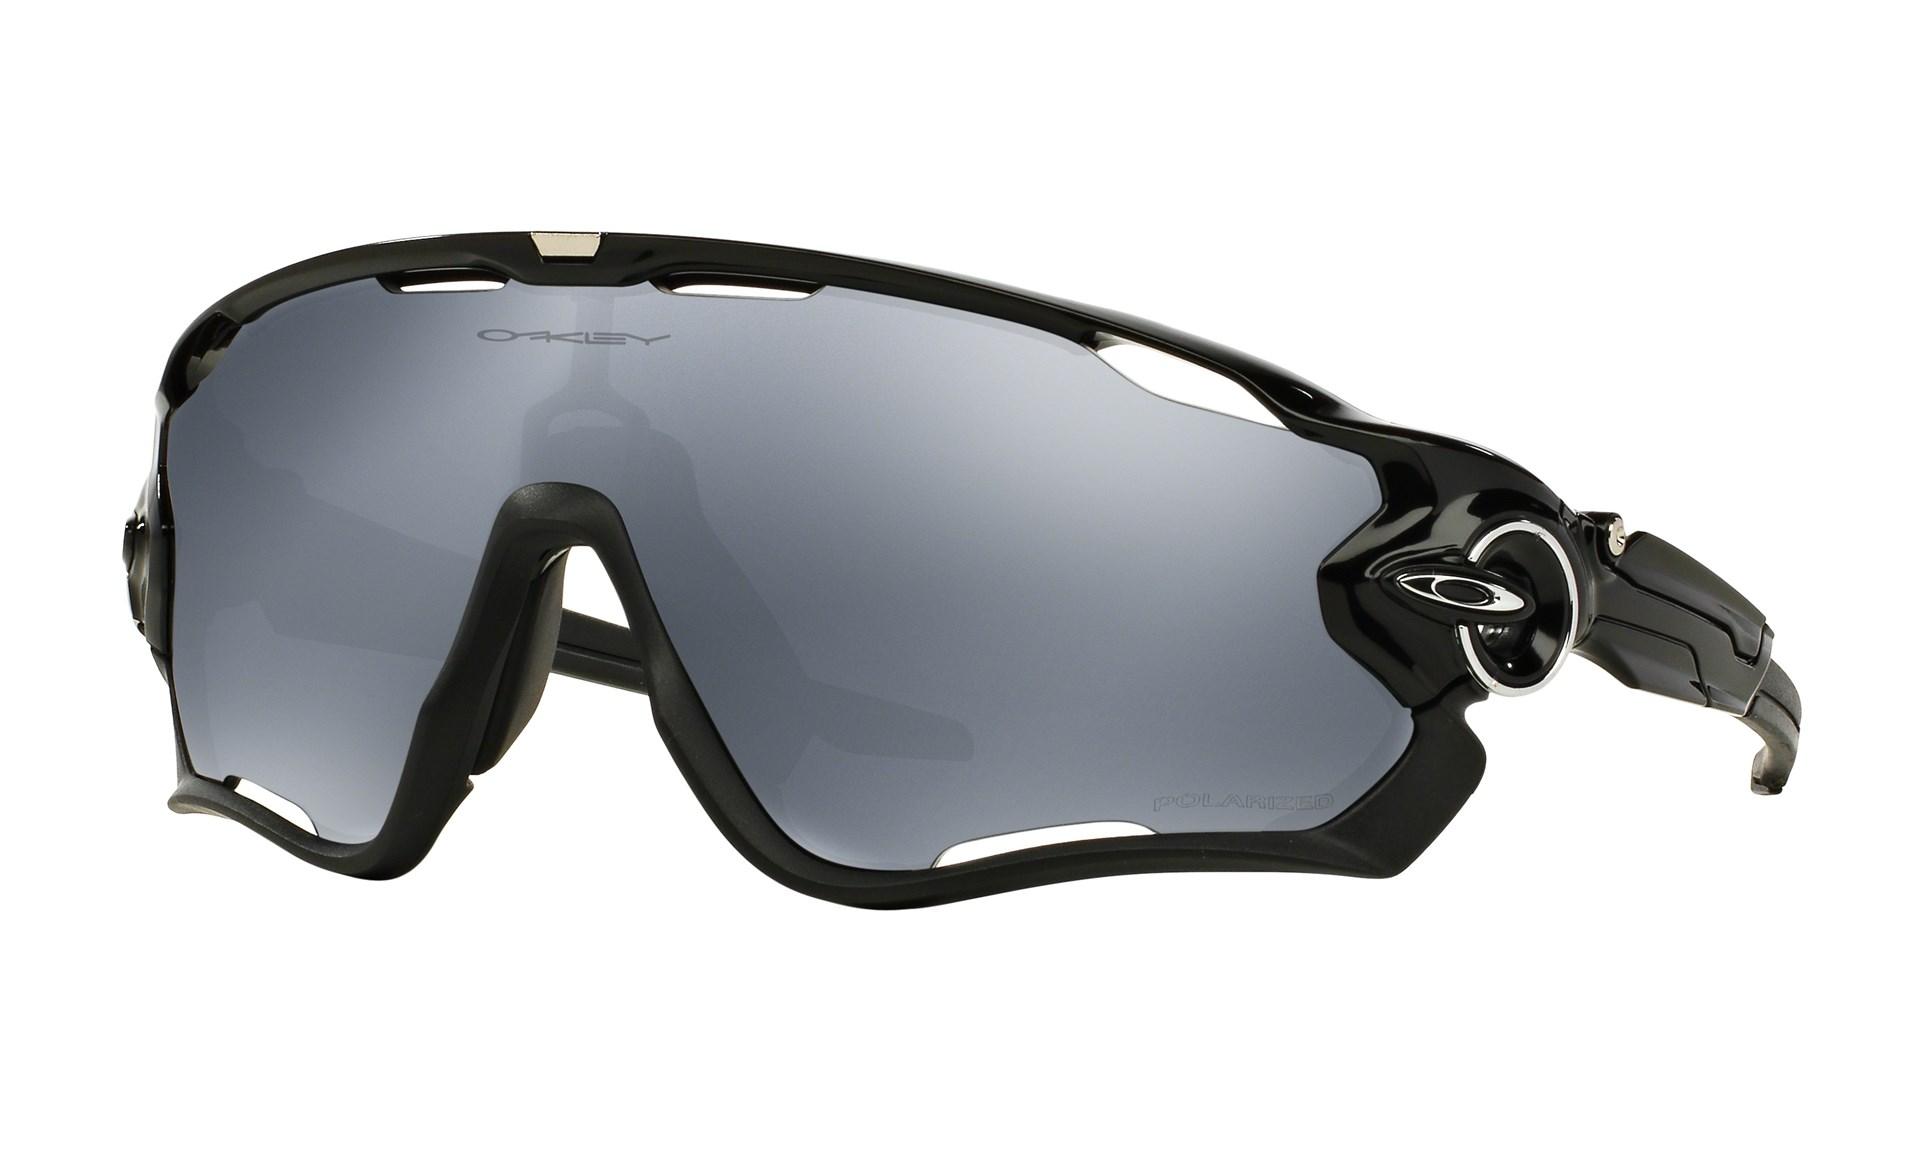 f15bf0a25 Braasport - Oakley Jawbreaker Polished Black / Black Iridium ...